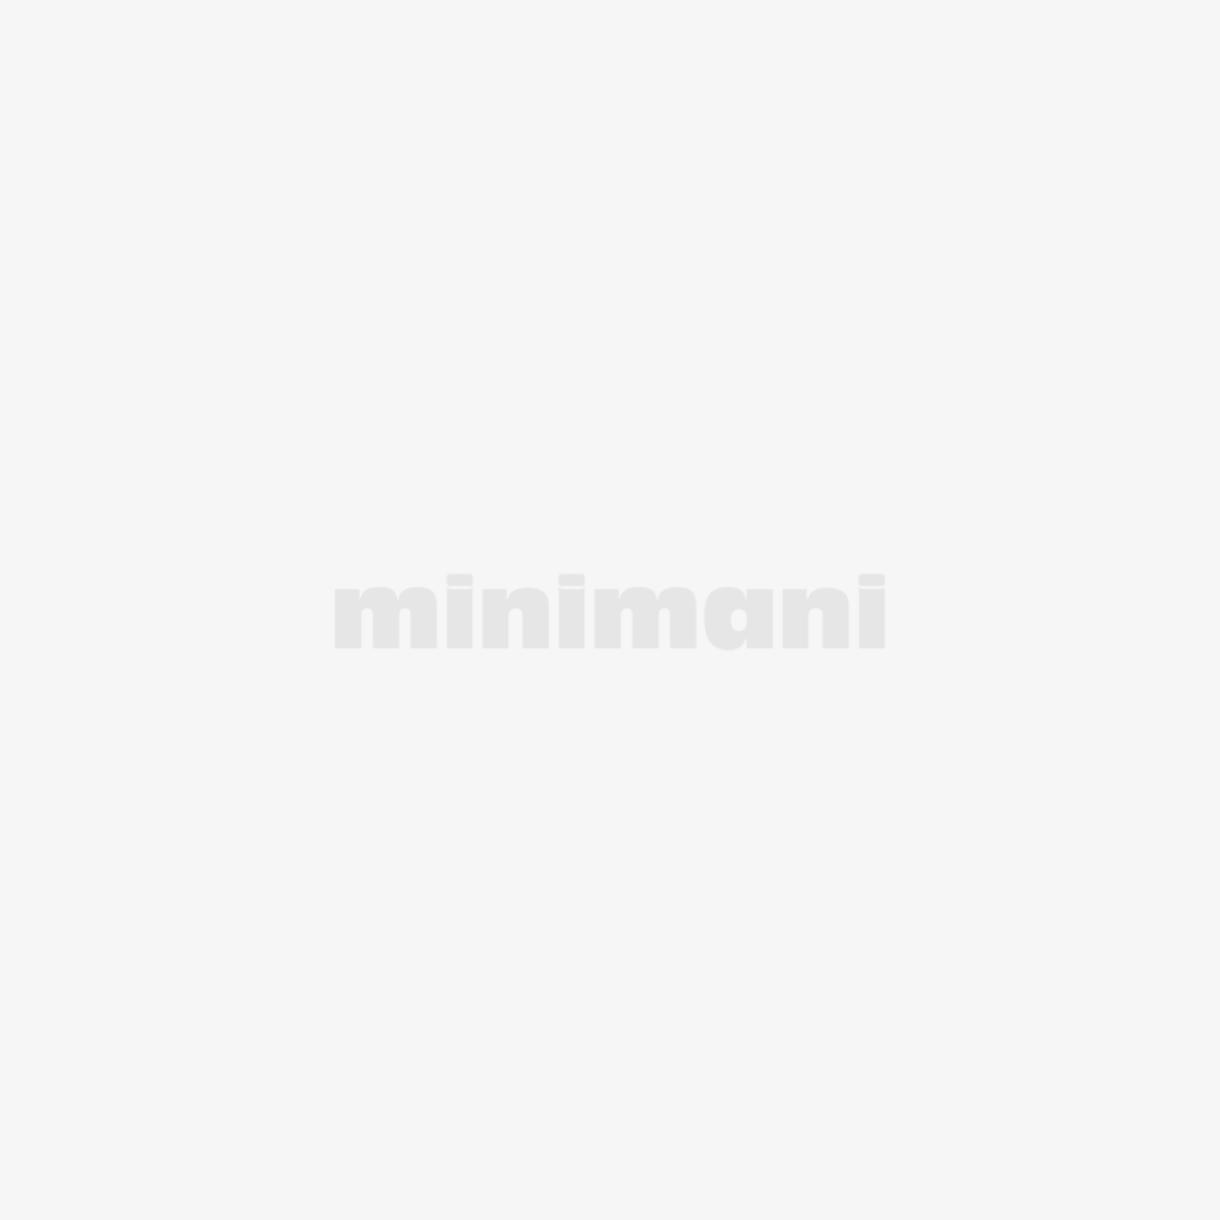 EINHELL CC-BC 10 M ÄLYLATURI 6/12V 2/10A 5-PORTAINEN